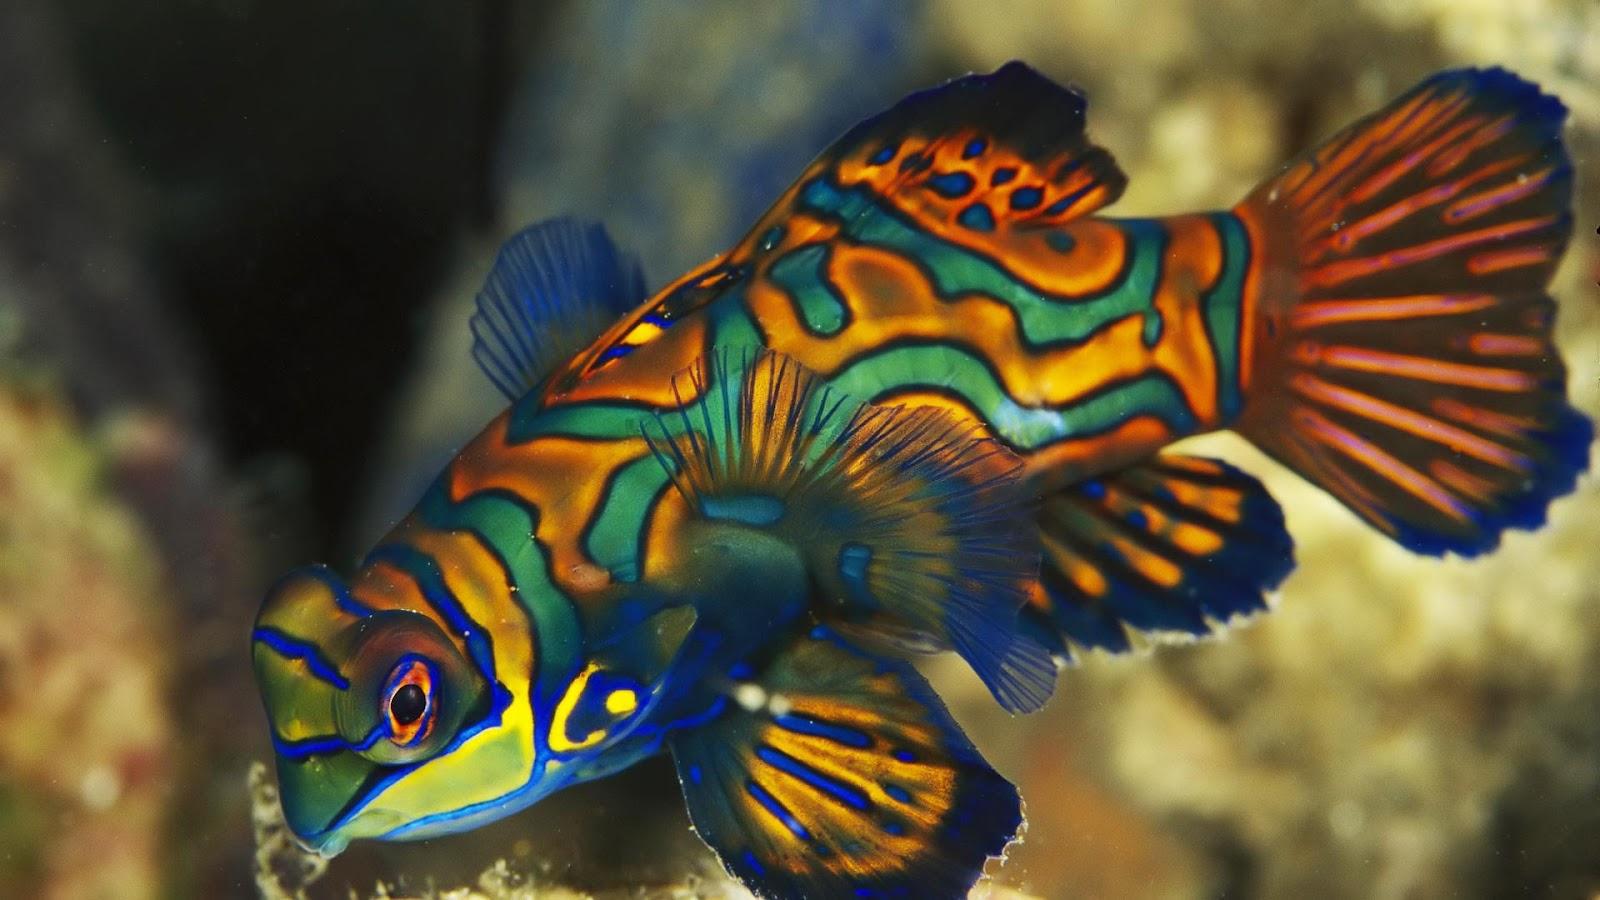 Dragonets mandarin fish full hd desktop wallpapers 1080p for Colorful tropical fish